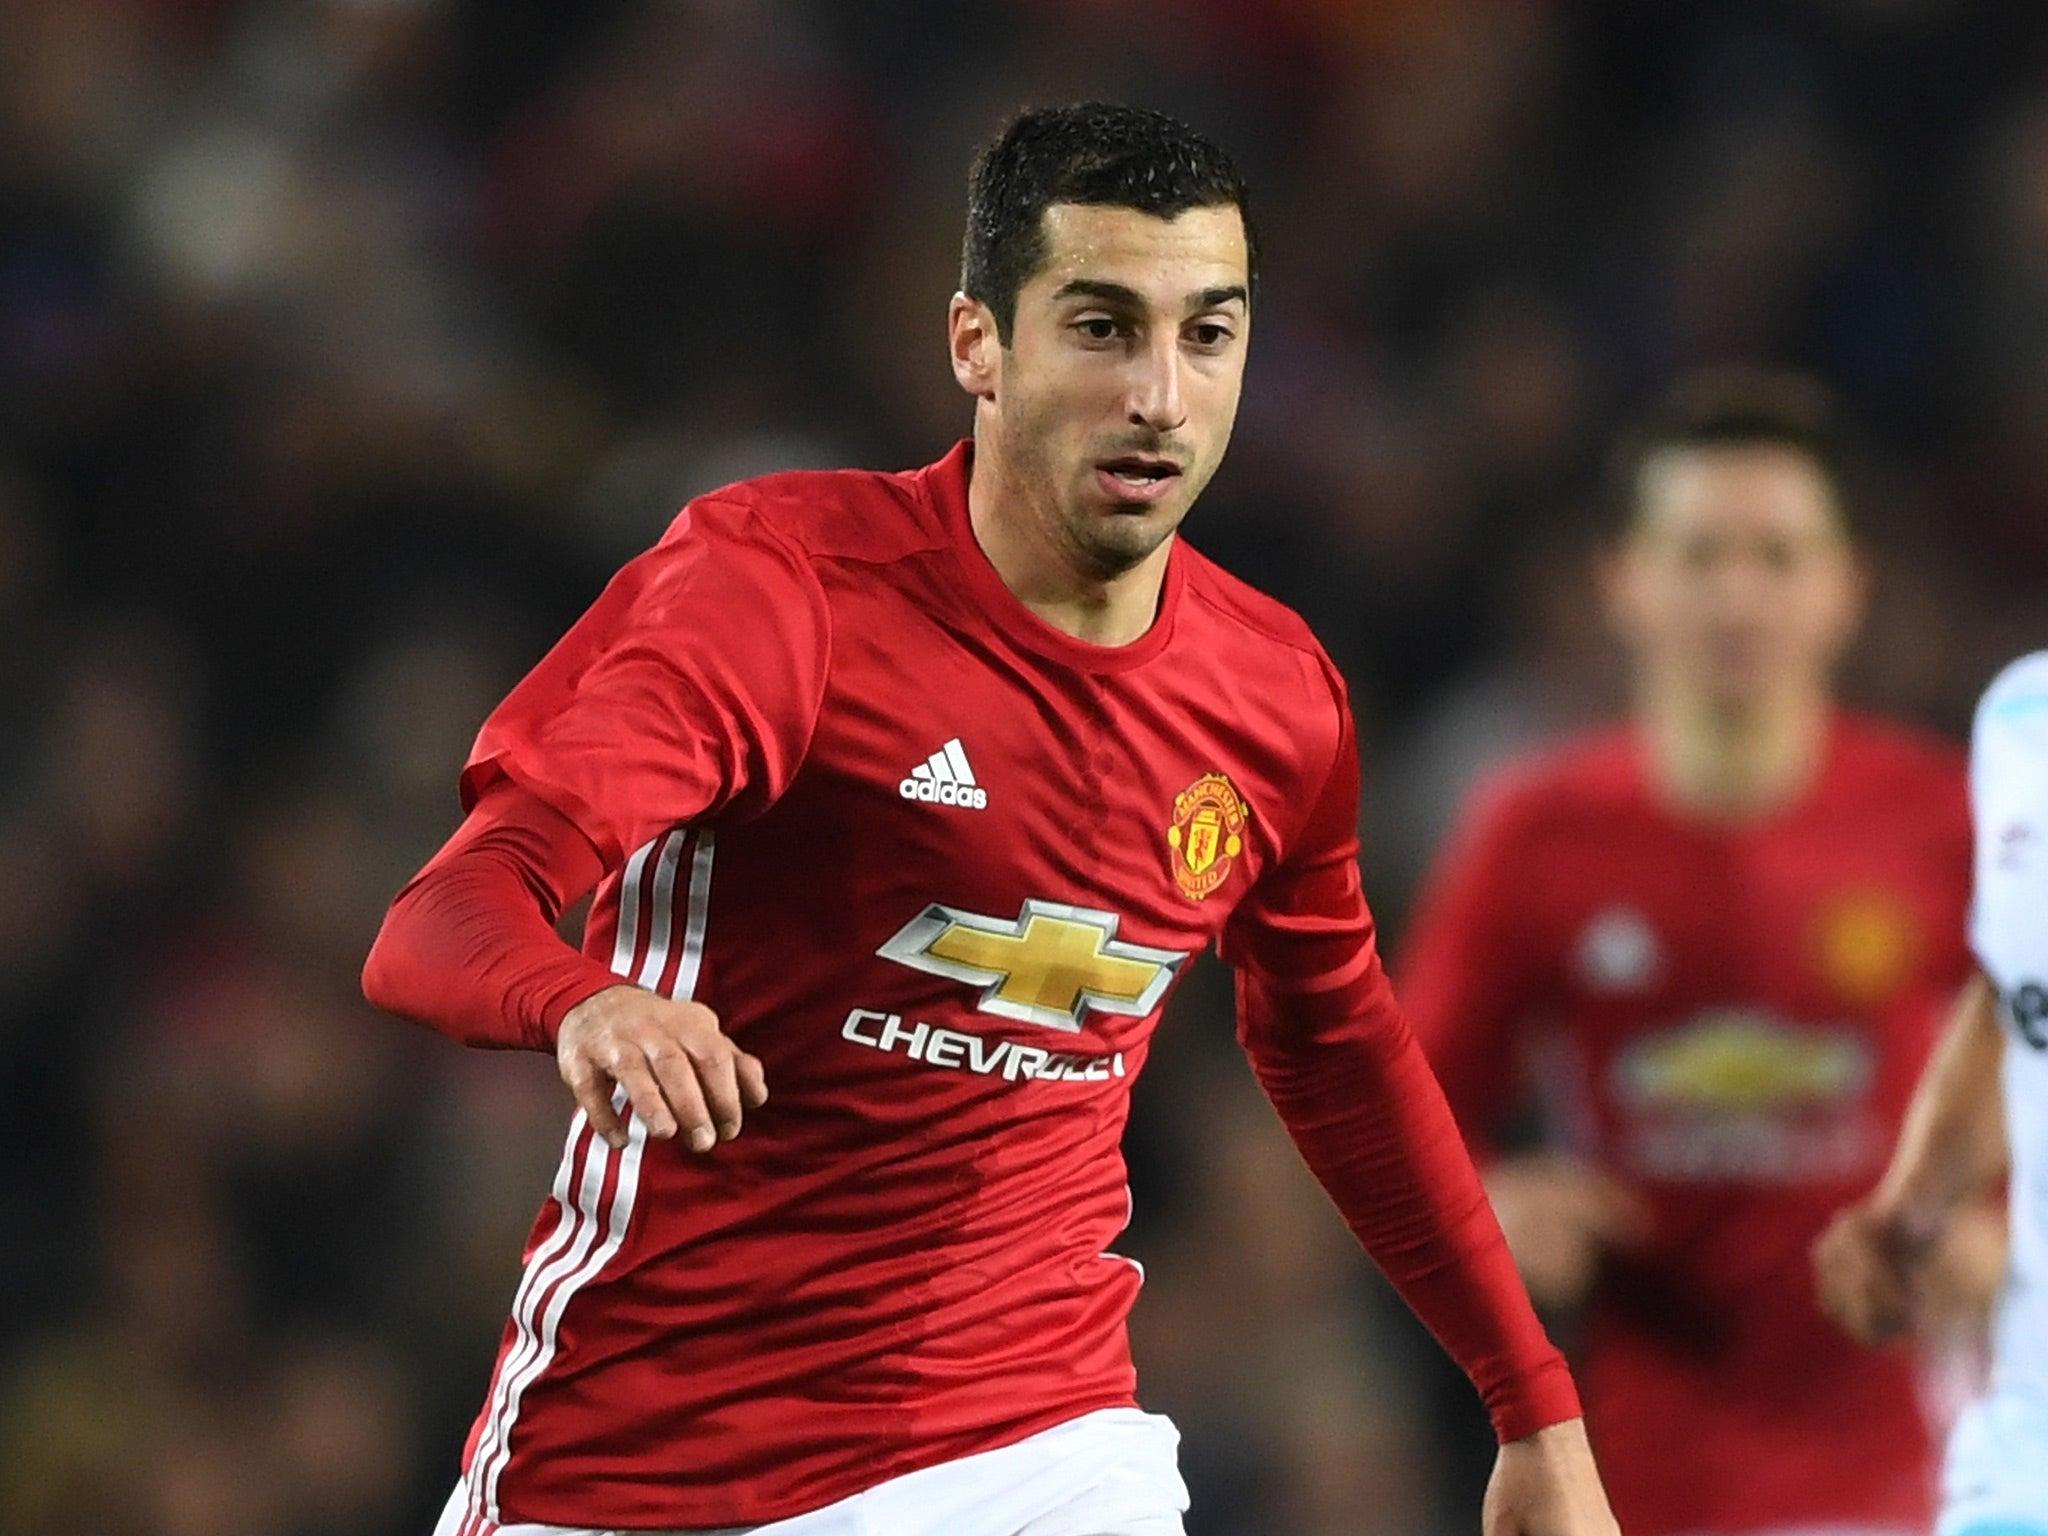 Manchester United vs West Ham Henrikh Mkhitaryan finally proving